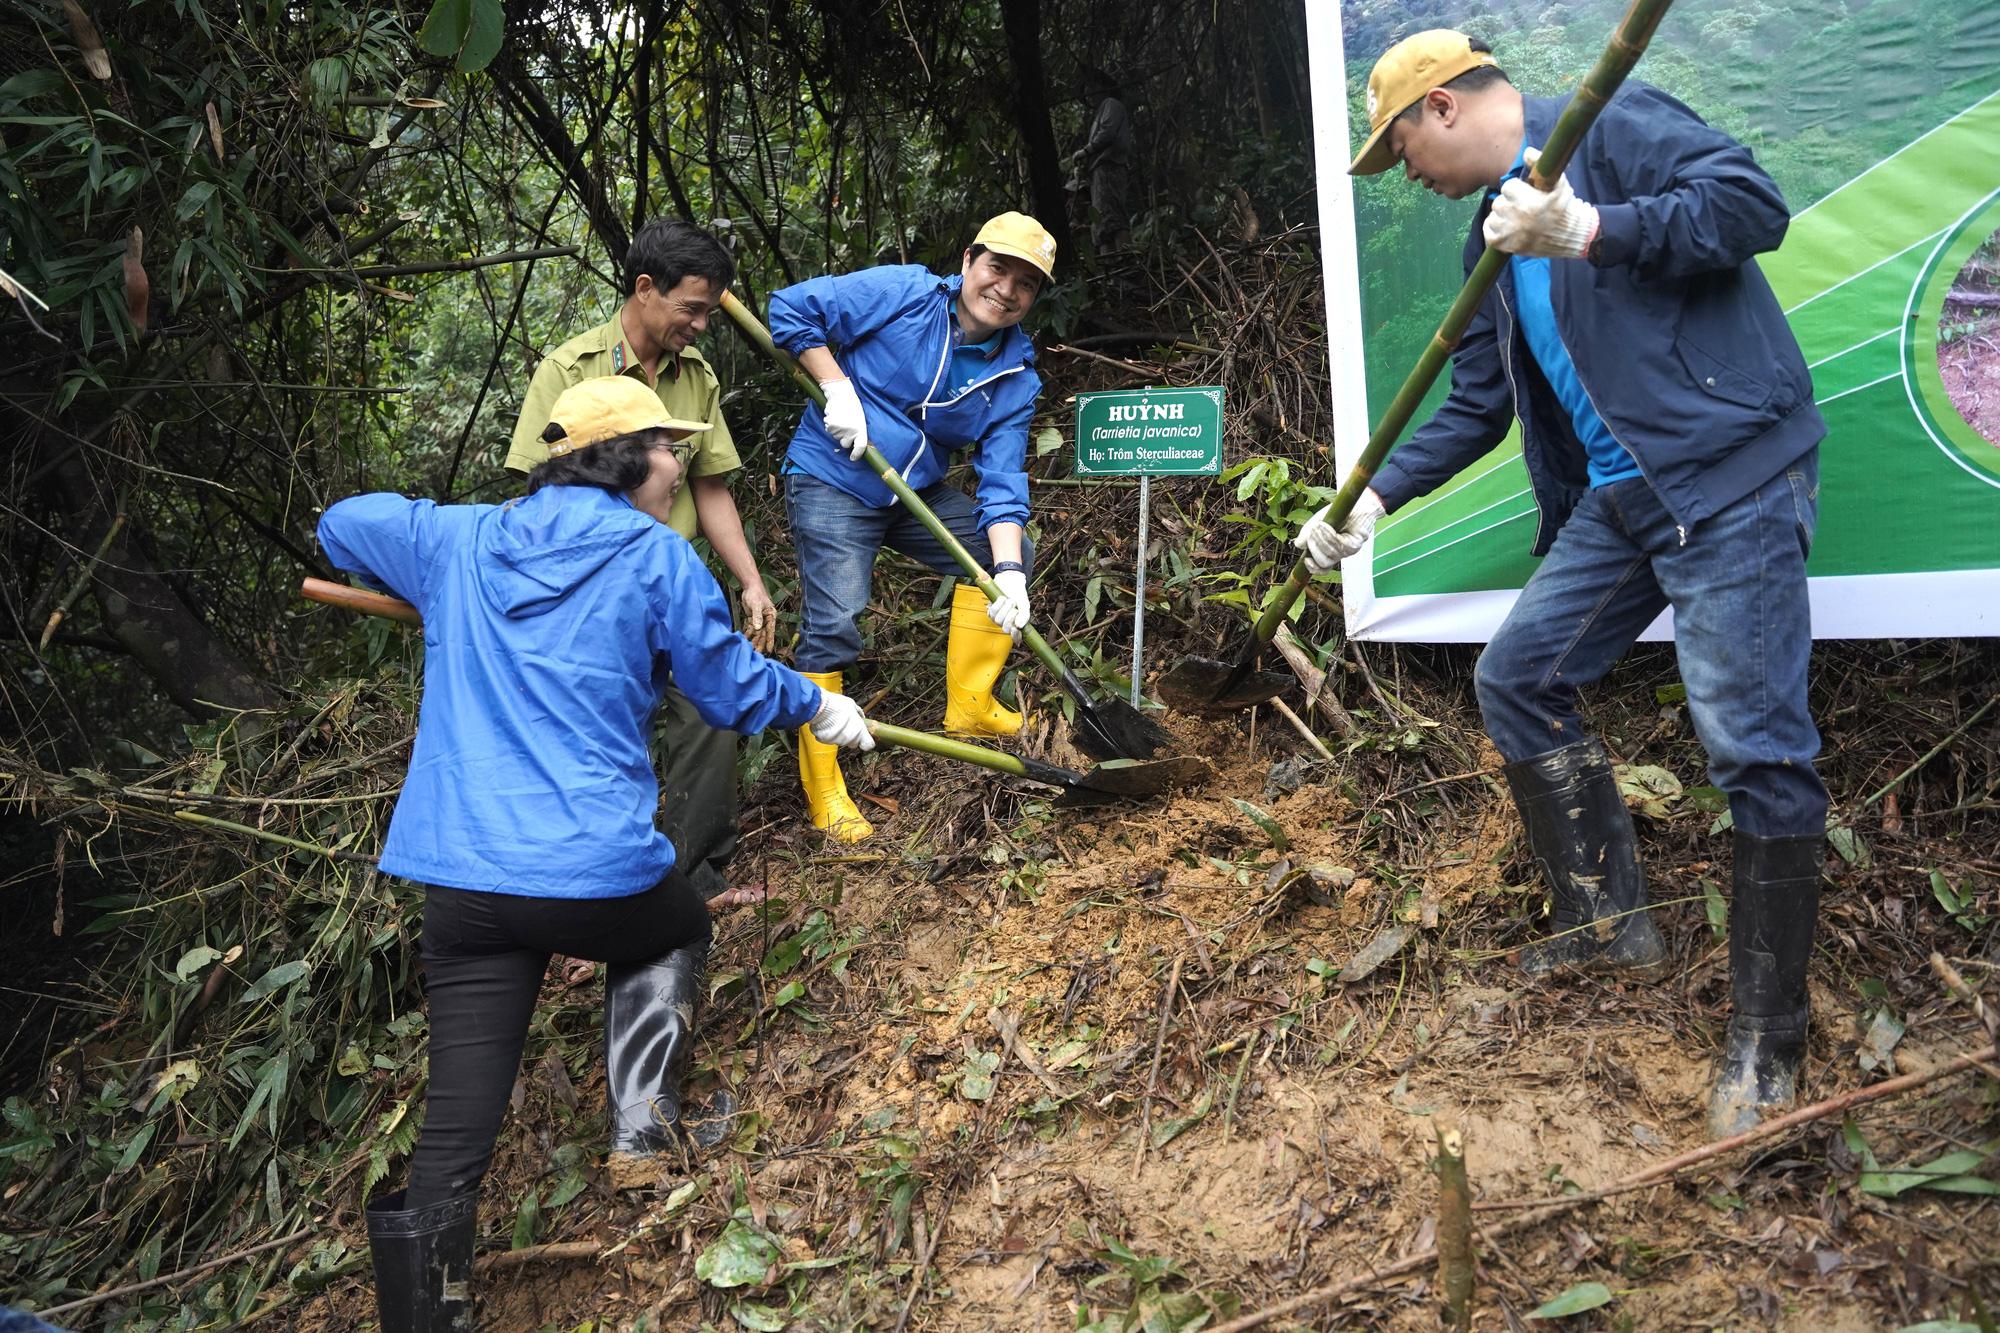 Trồng 2.500 cây gỗ bản địa đầu tiên tại Khu bảo tồn thiên nhiên Phong Điền - Ảnh 6.